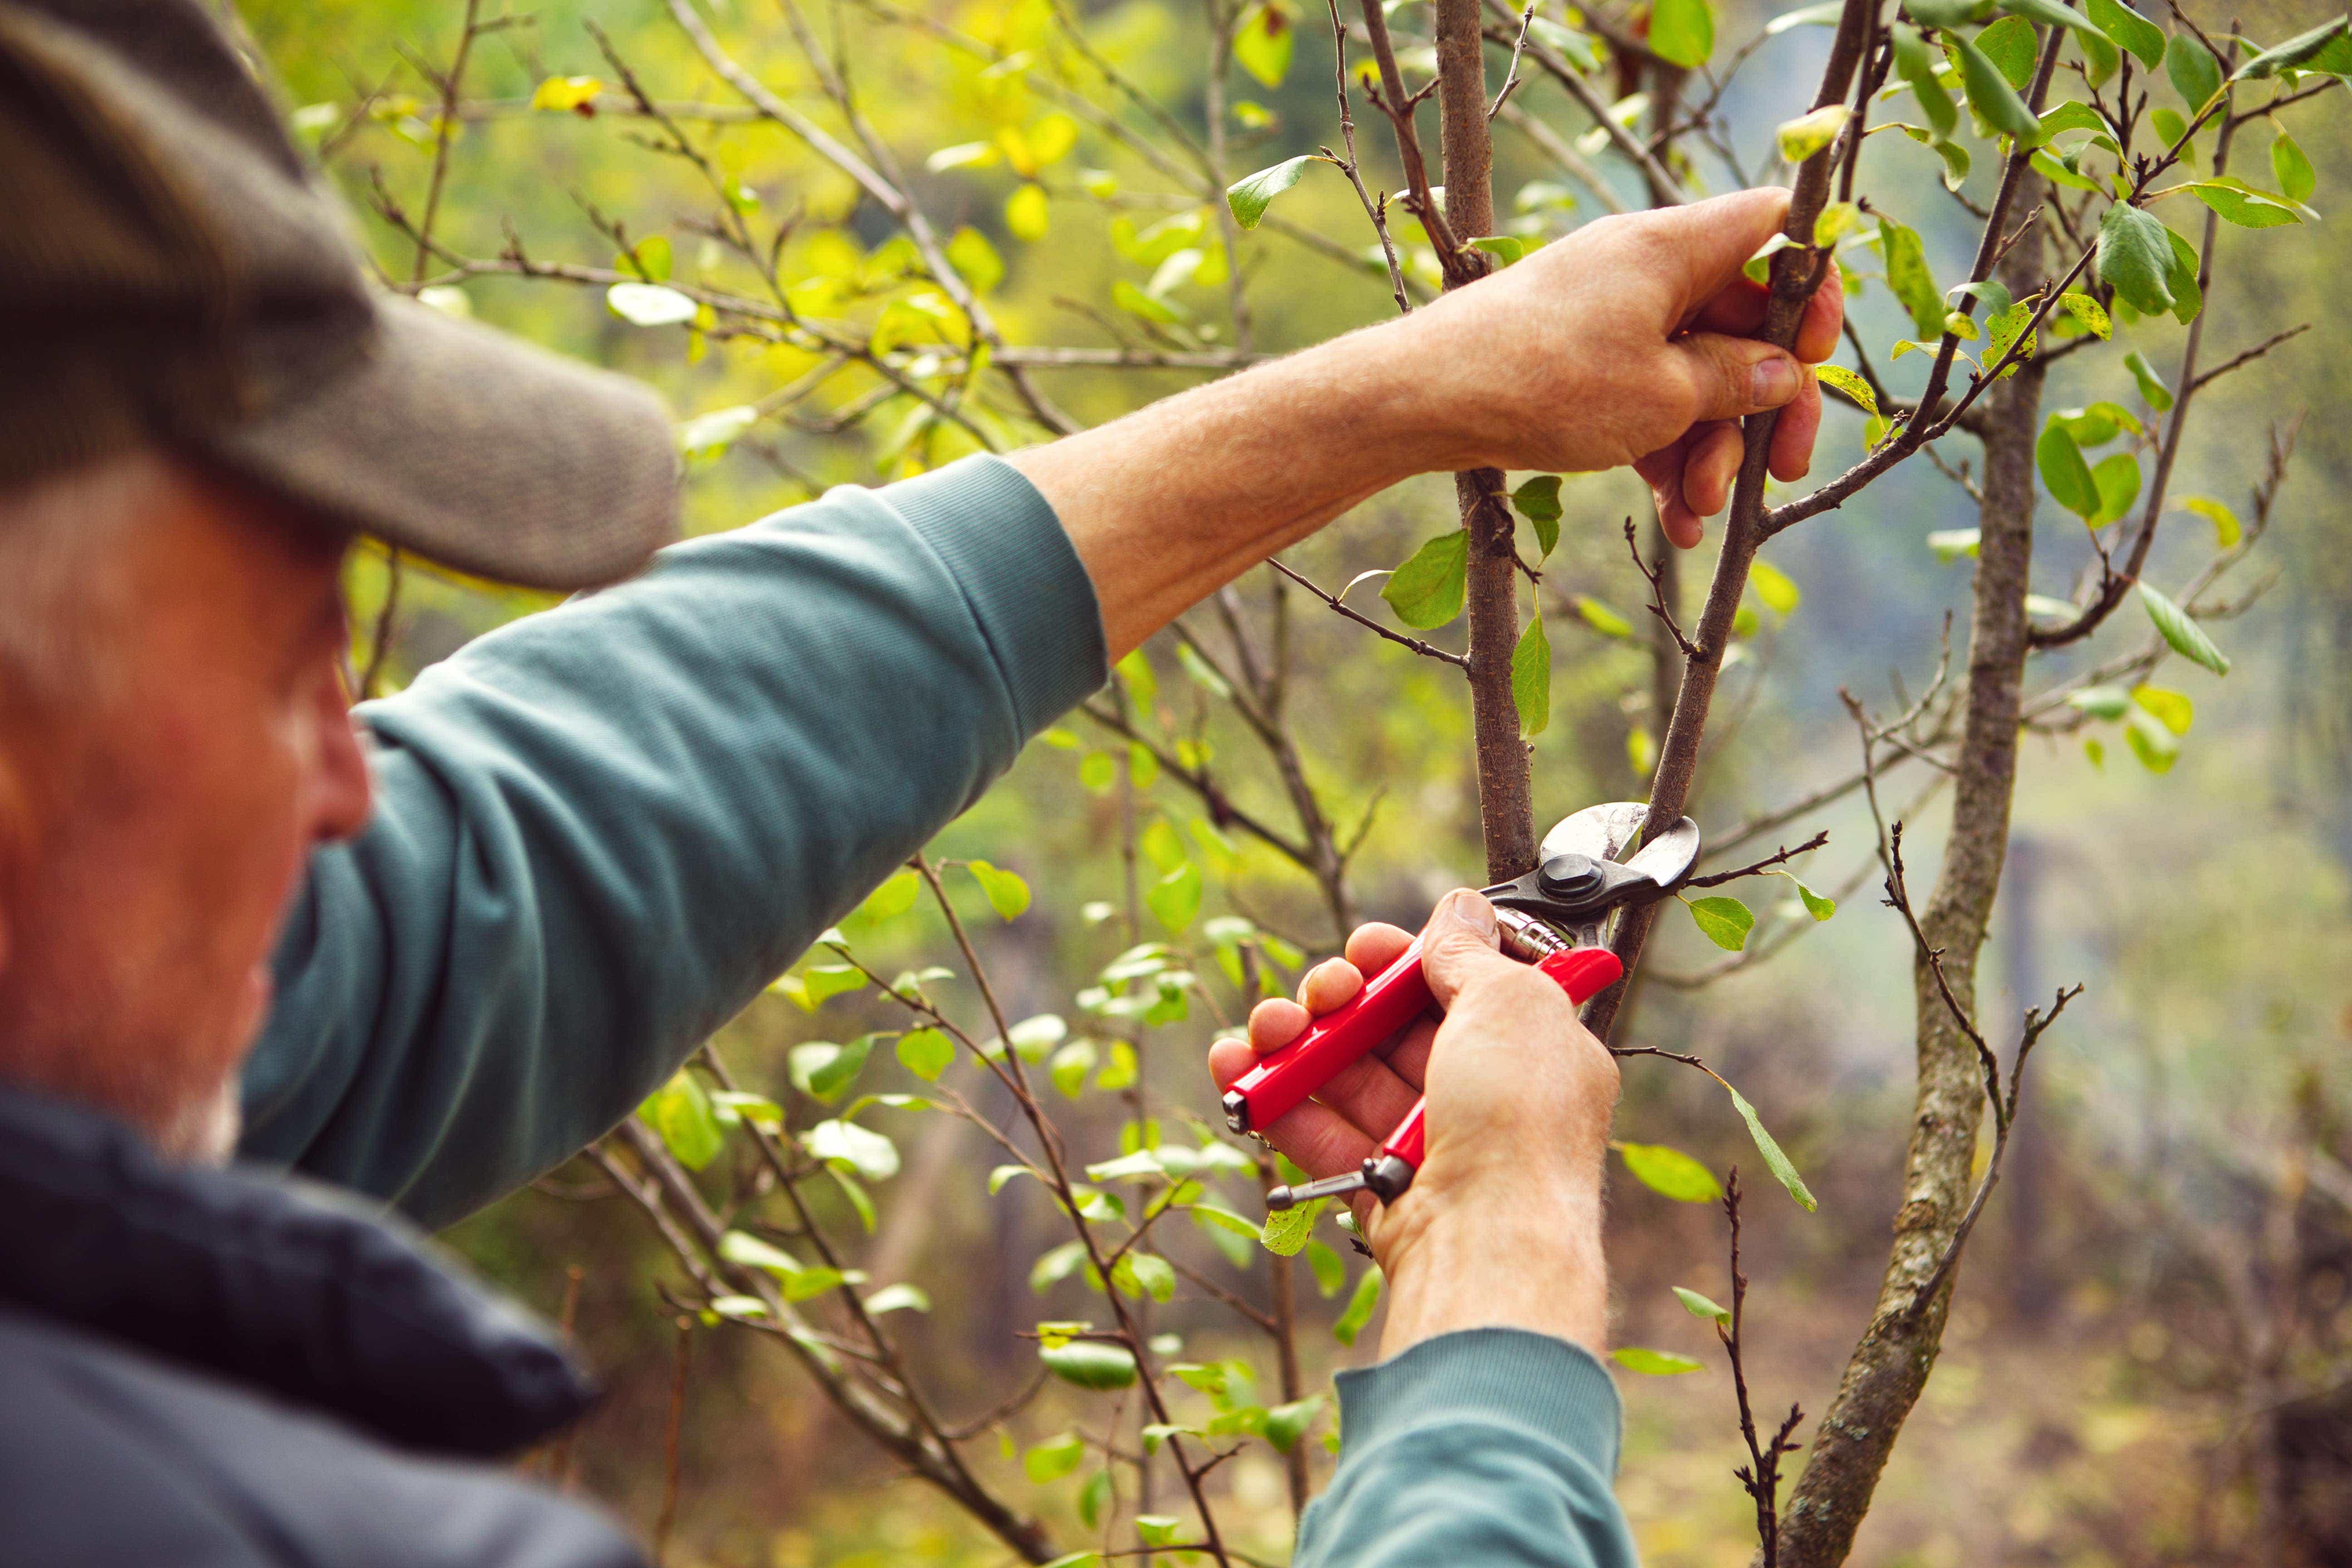 Red pruning shears used by garndener